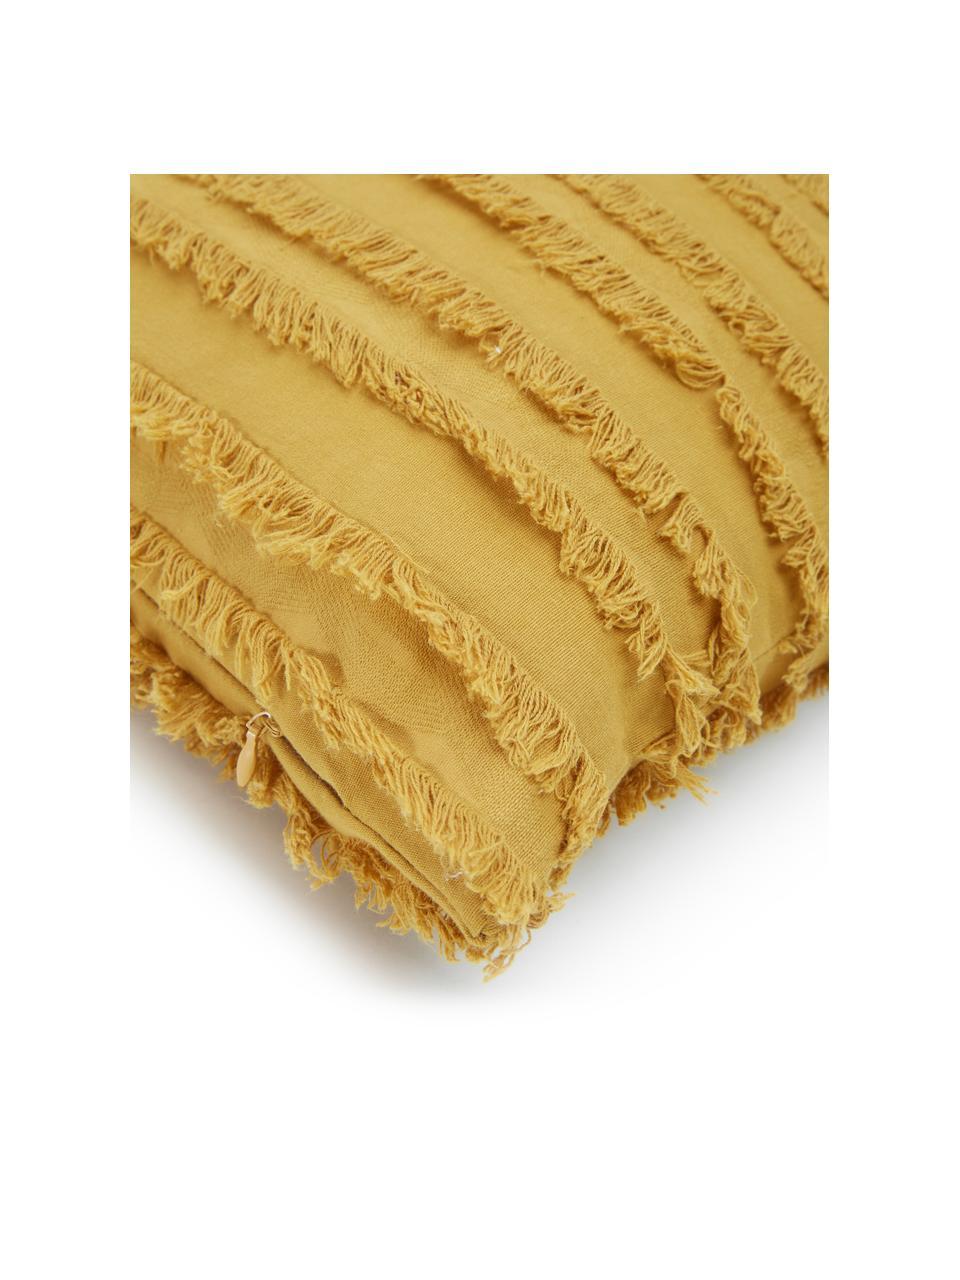 Federa arredo giallo con frange decorative Jessie, 88% cotone, 7% viscosa, 5% lino, Giallo, Larg. 45 x Lung. 45 cm